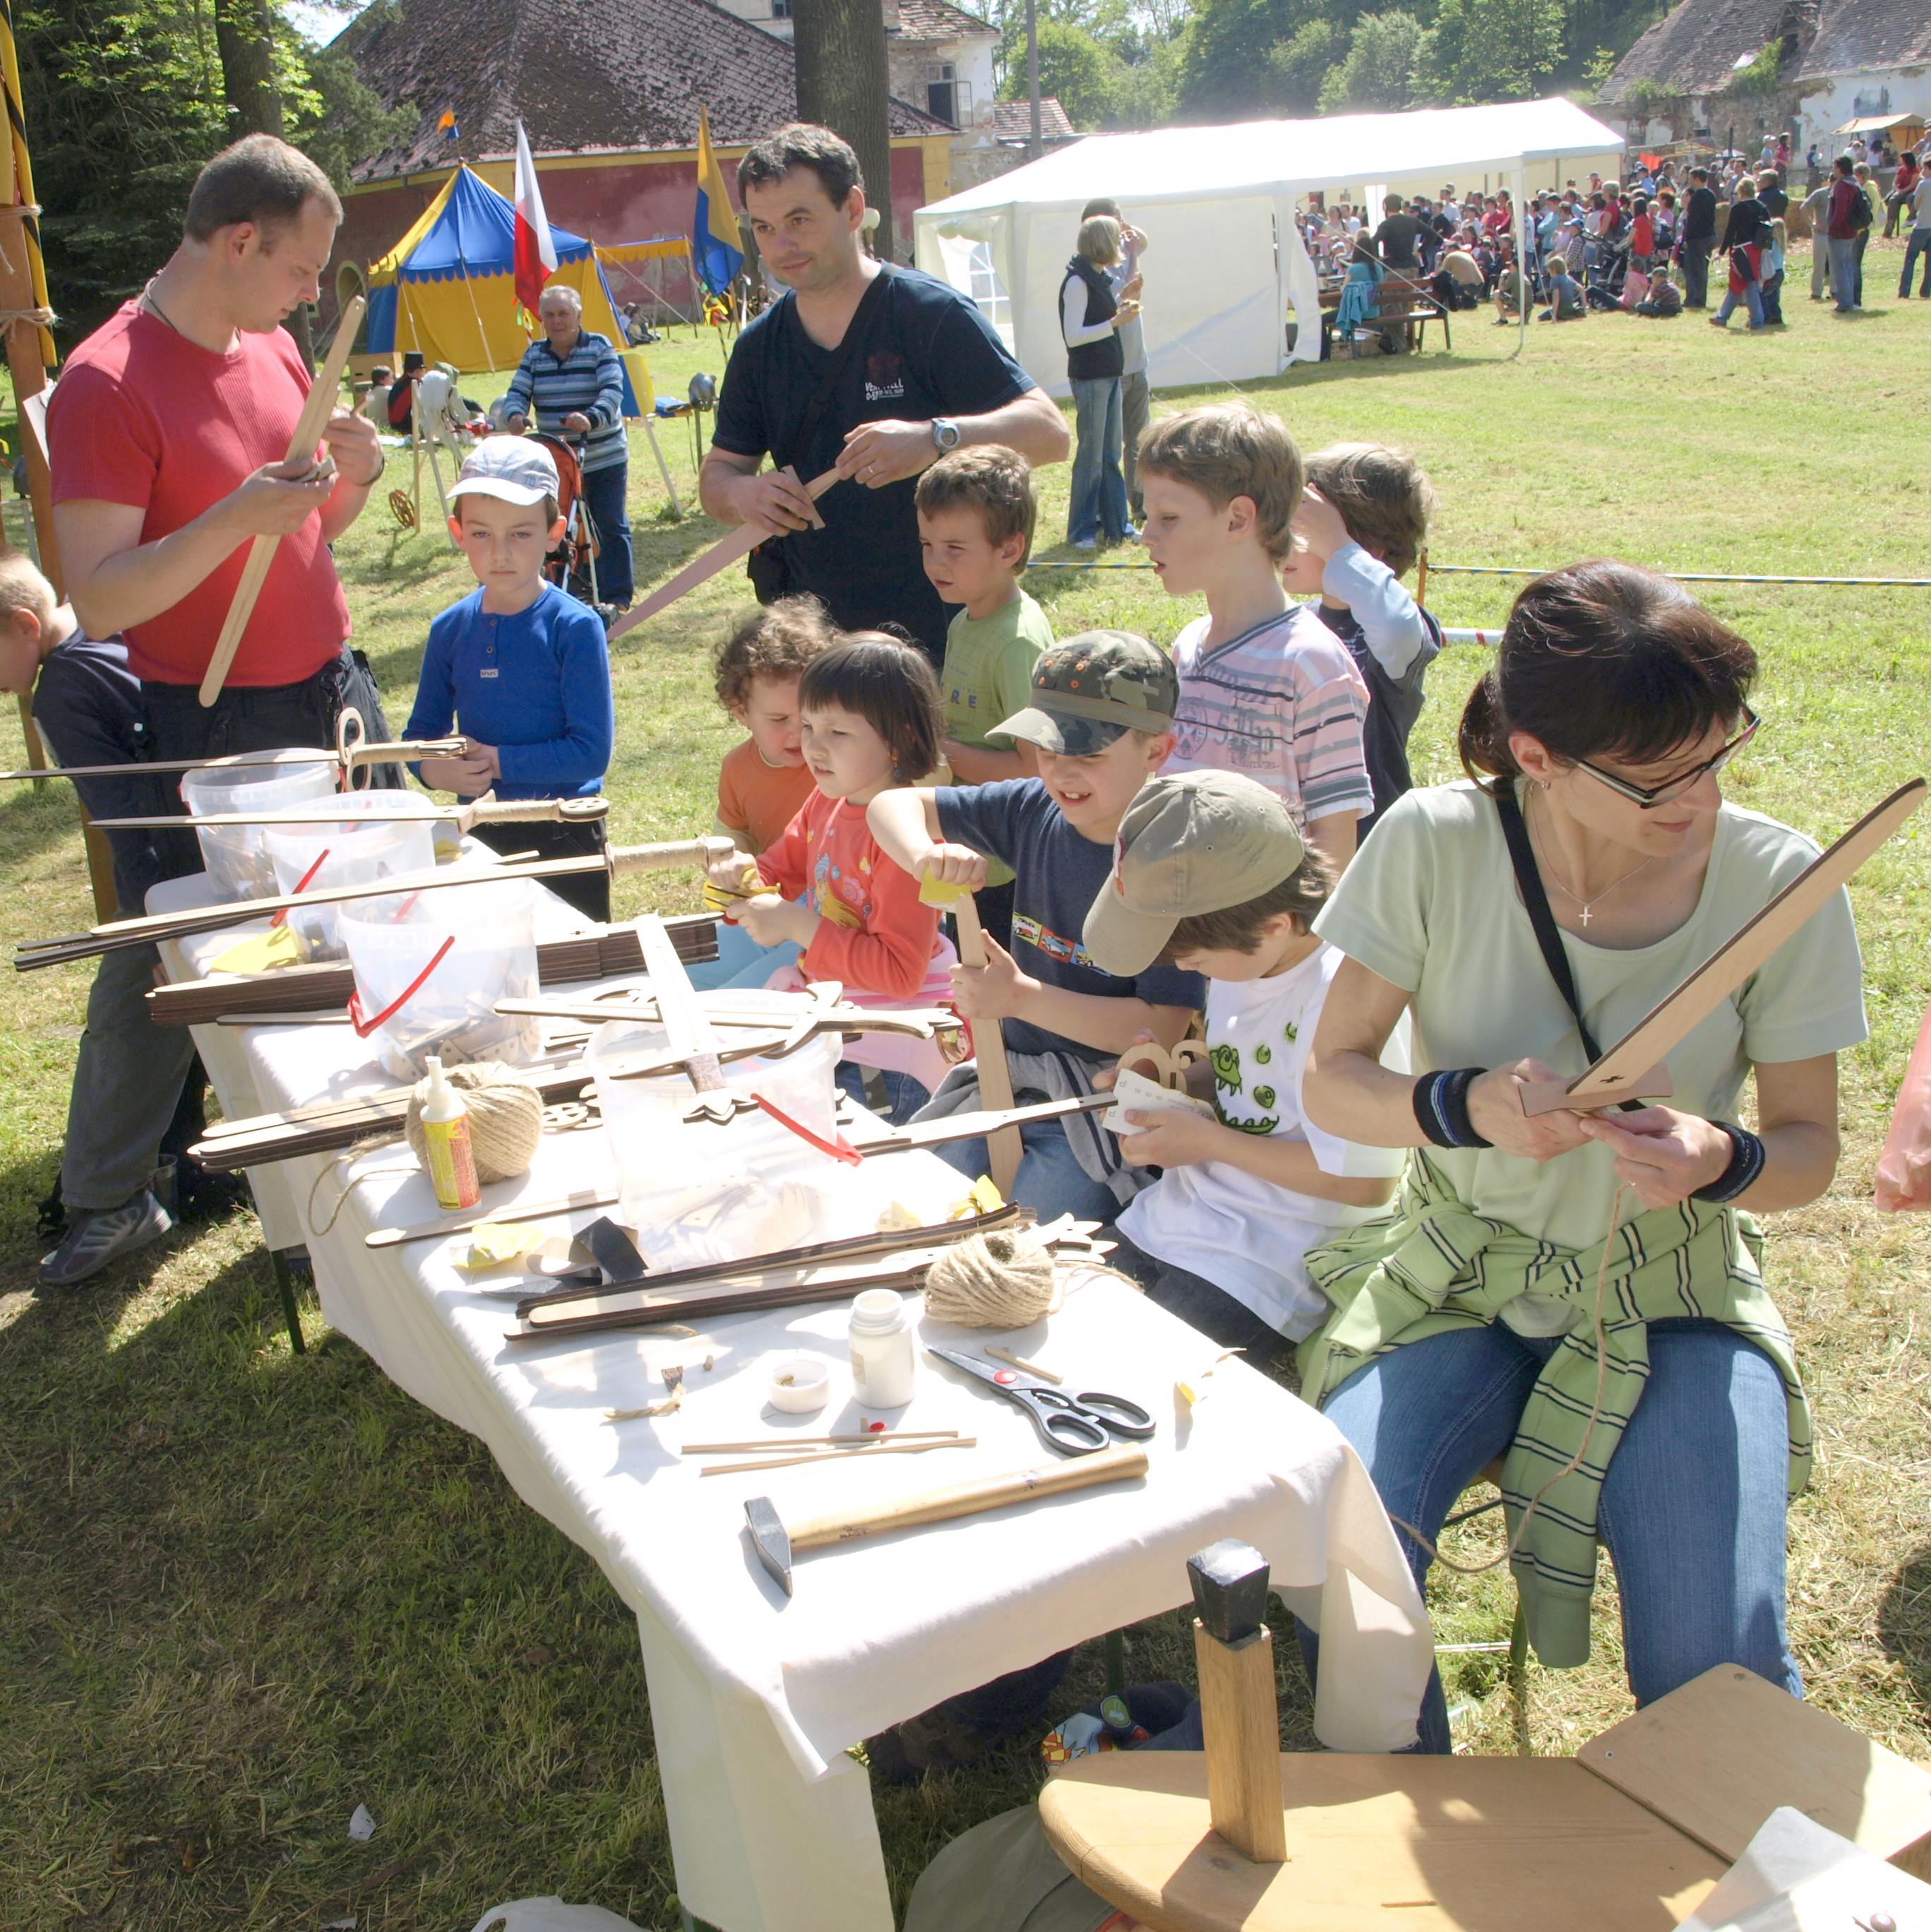 Děti vyrábí meče katzbalger z komponentů